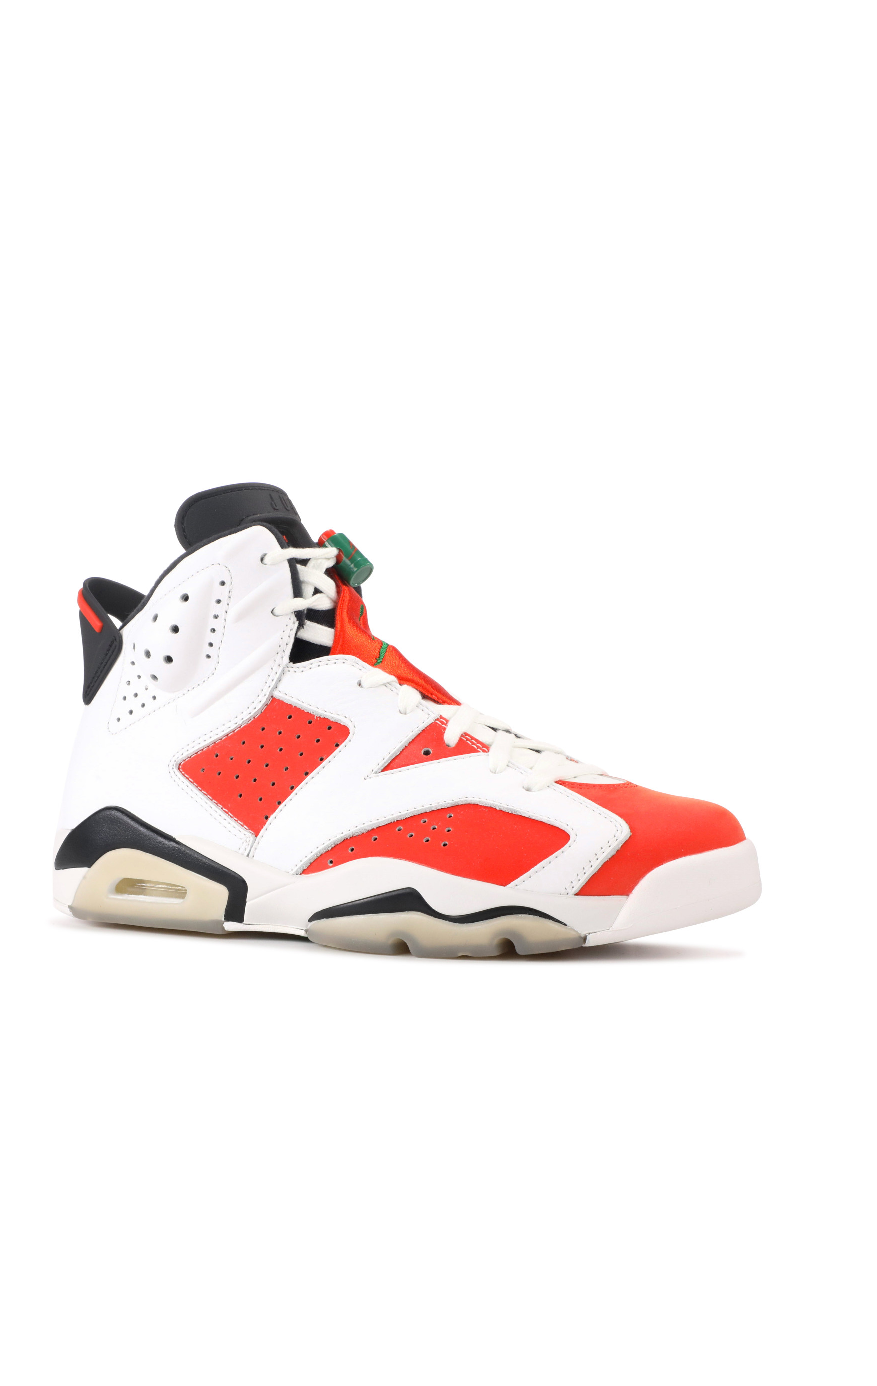 91331939458 Fresh Kicks Houston — Air Jordan 6 Retro - Gatorade Like Mike White